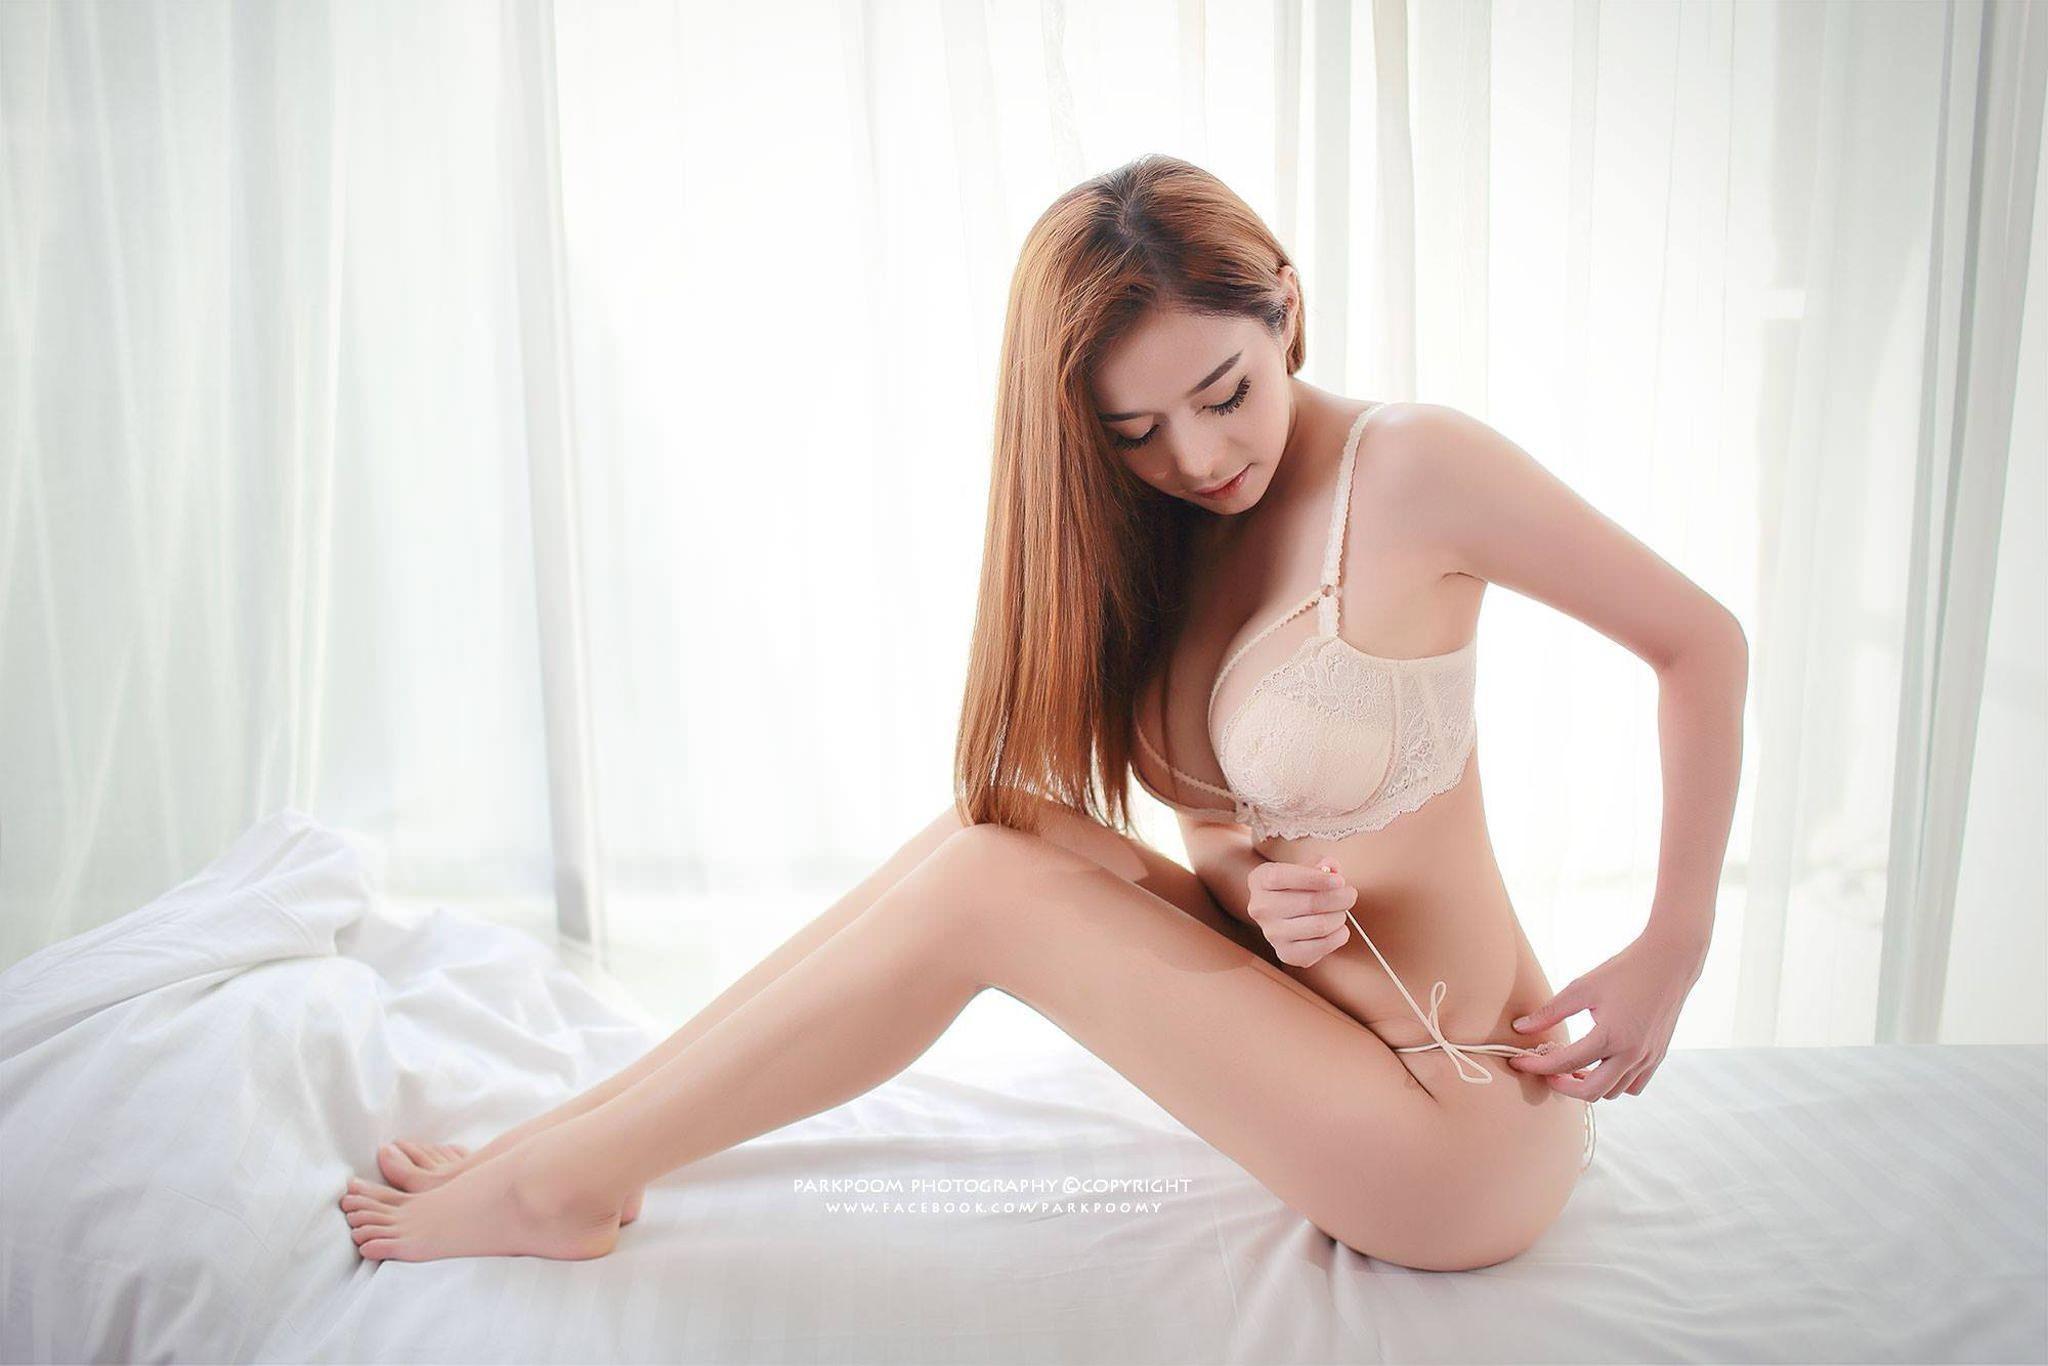 Фото Сексуальная рыжеволосая азиатка поправляет трусики, нежные ножки, белоснежная постель, скачать картинку бесплатно